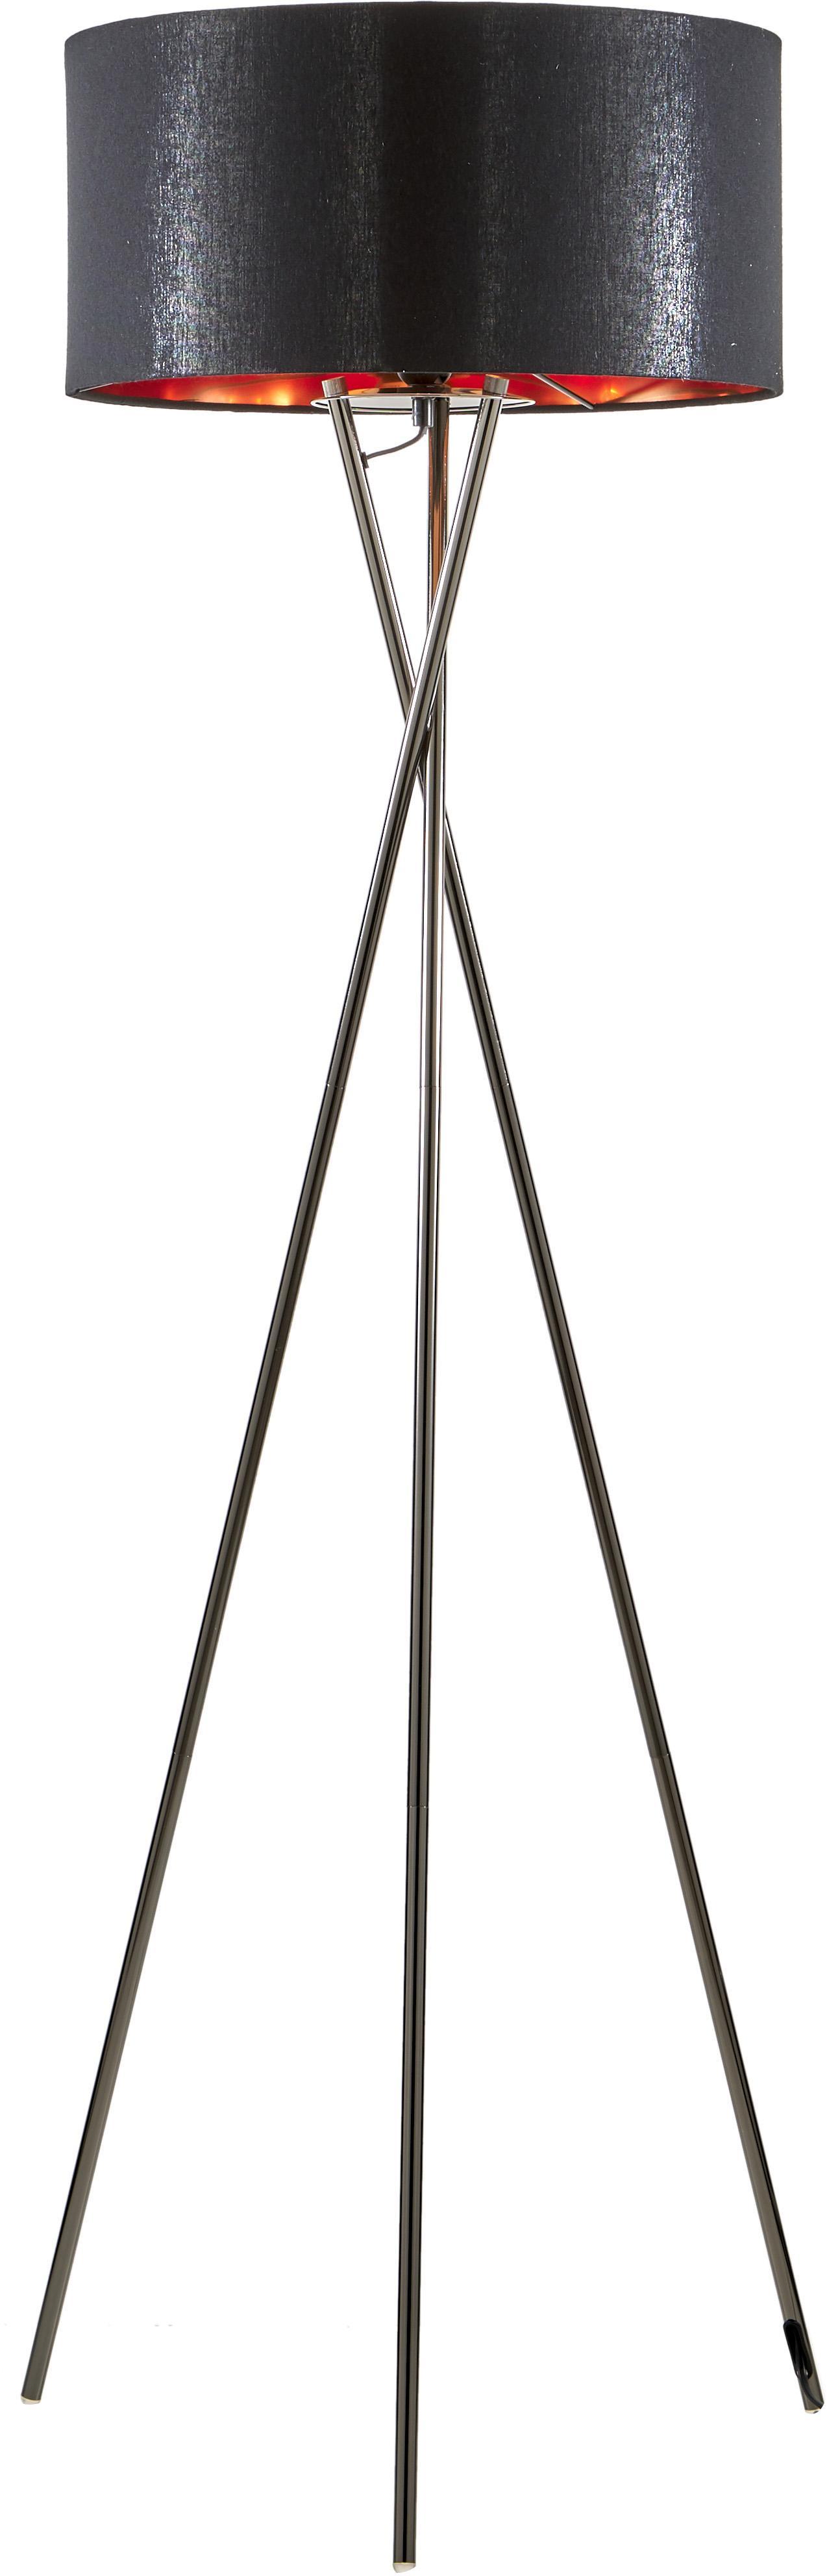 Vloerlamp Giovanna, Frame: zwart verchroomd staal, Lampenkap: nylon, Zwart, koperkleurig, Ø 45 x H 154 cm